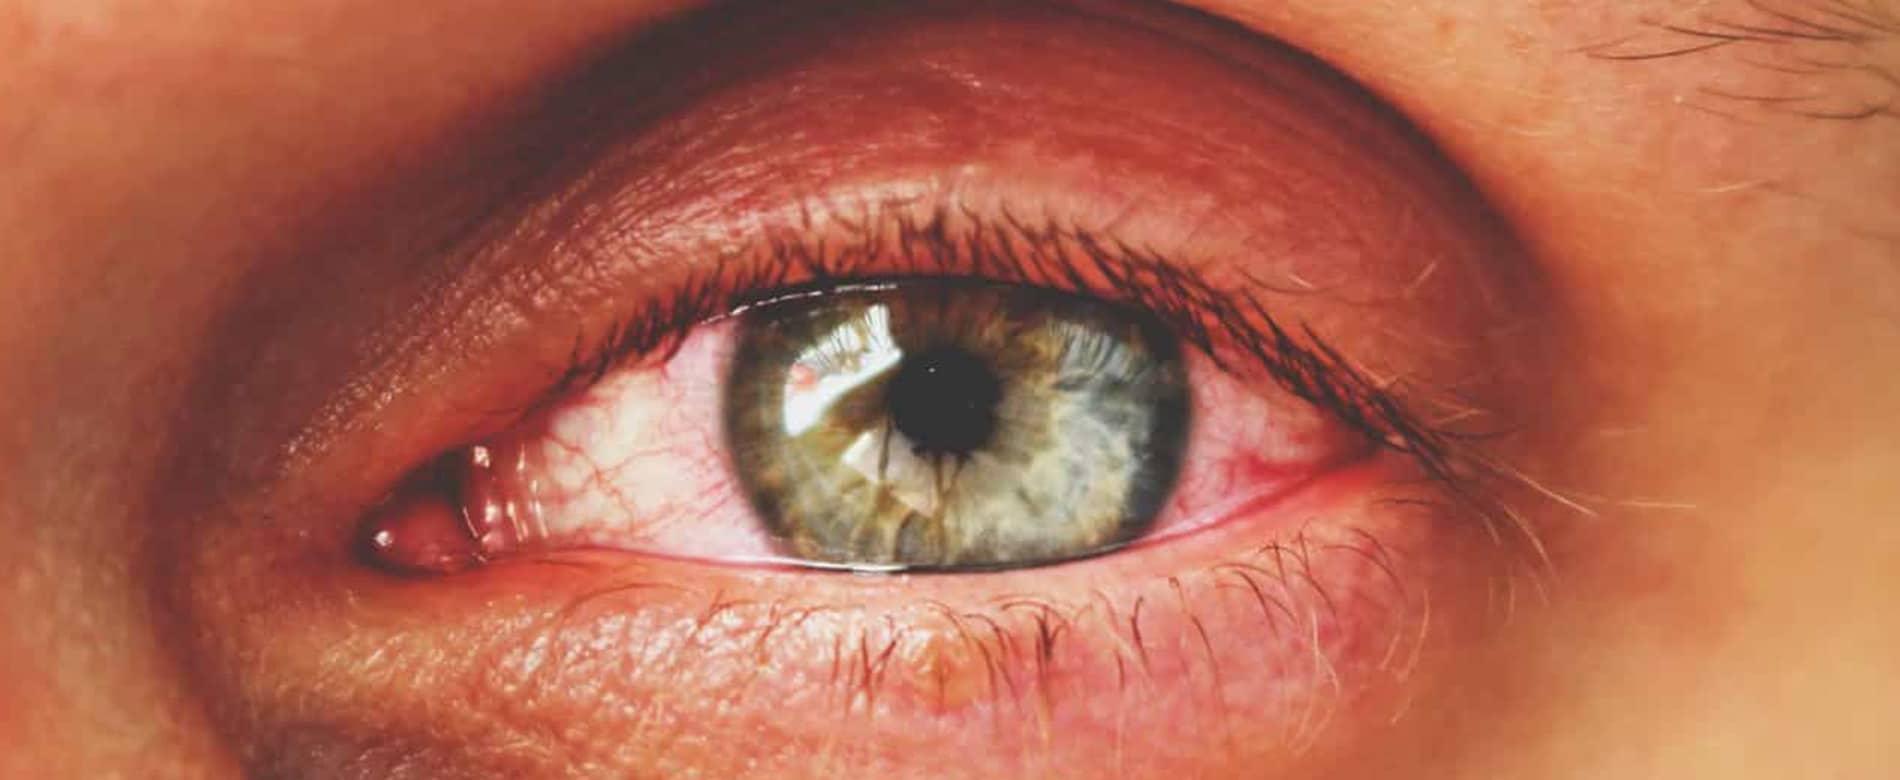 Sadighi ophtalmologue Glaucome